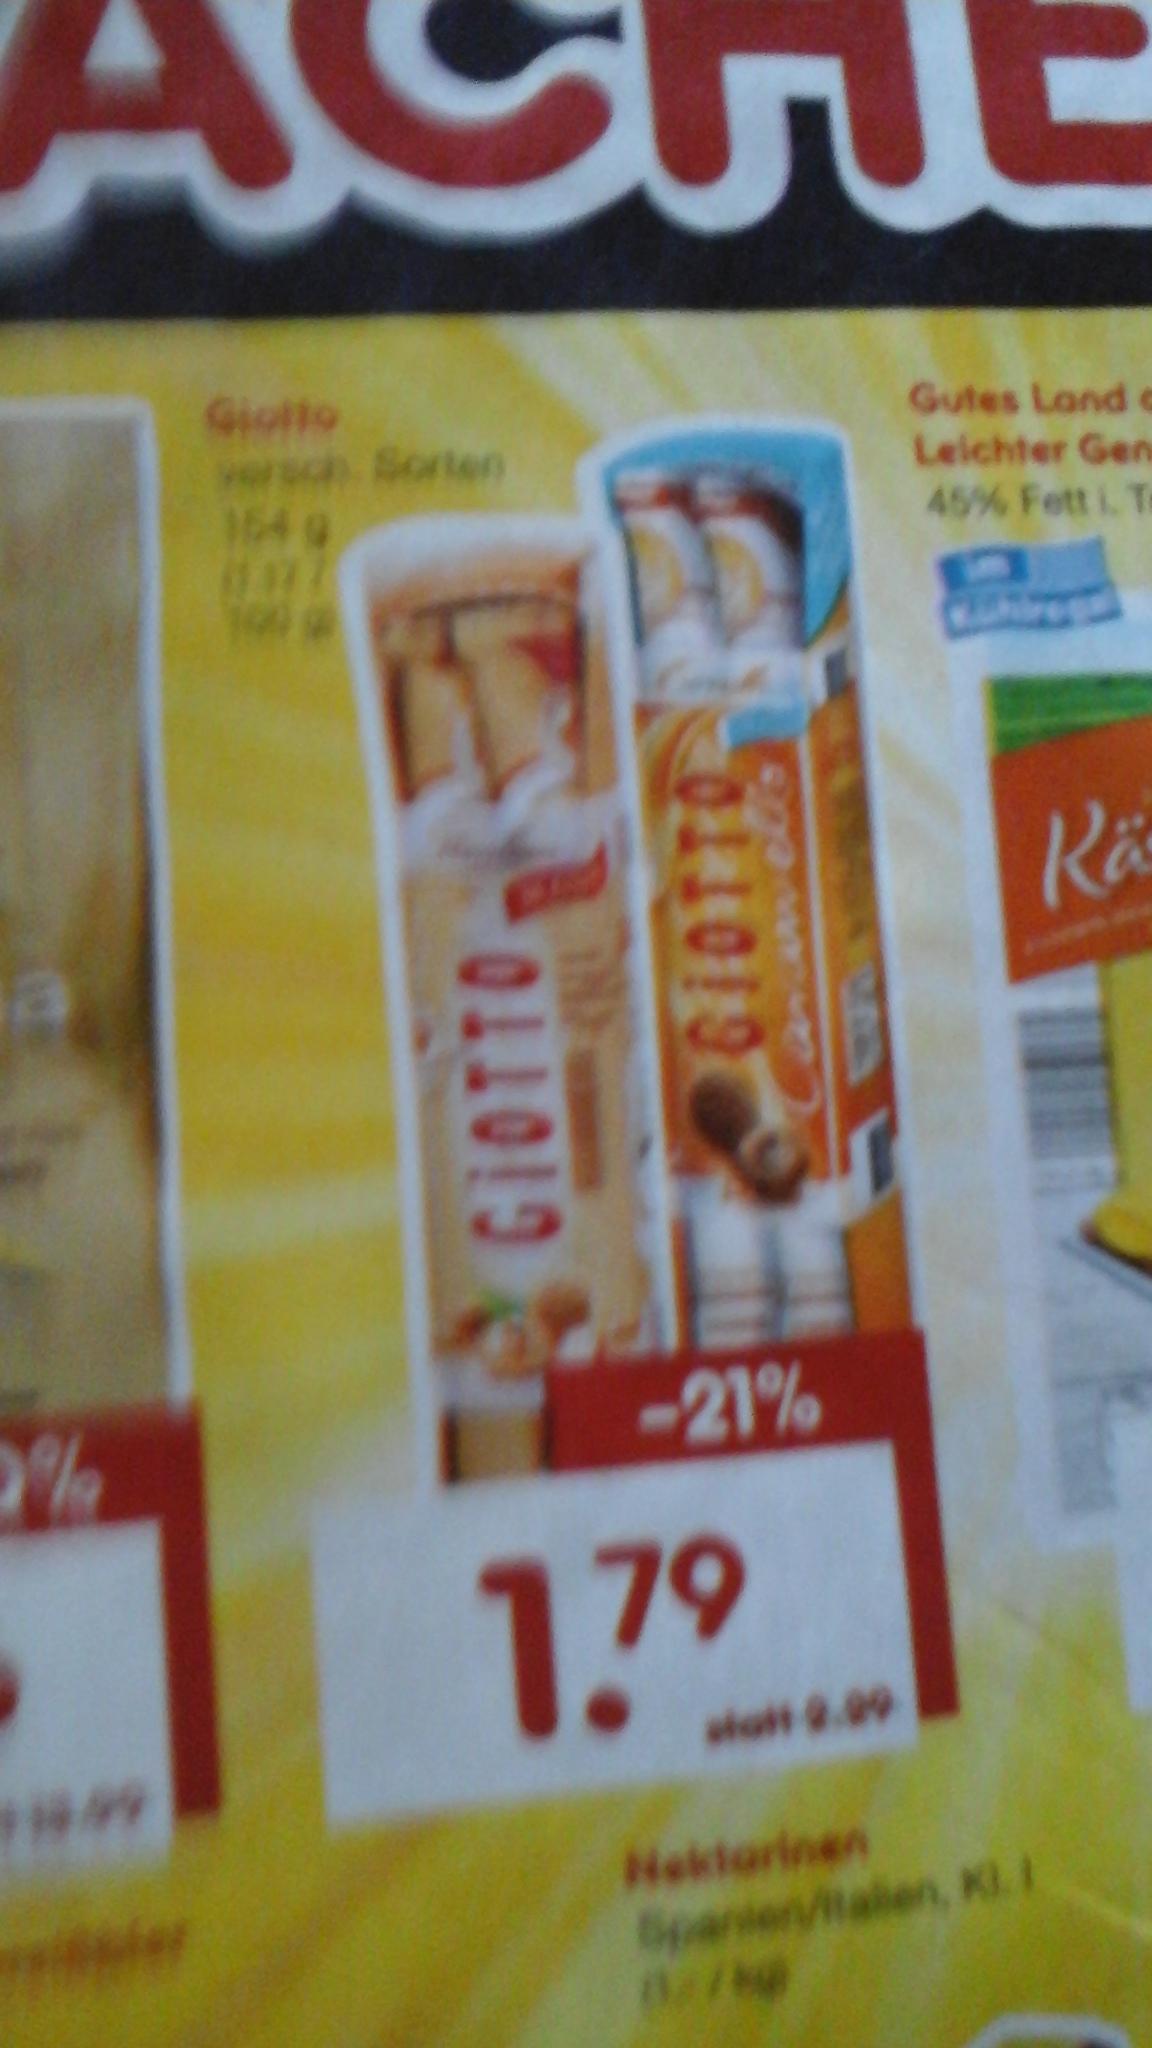 Giotto 1,79€ bei netto